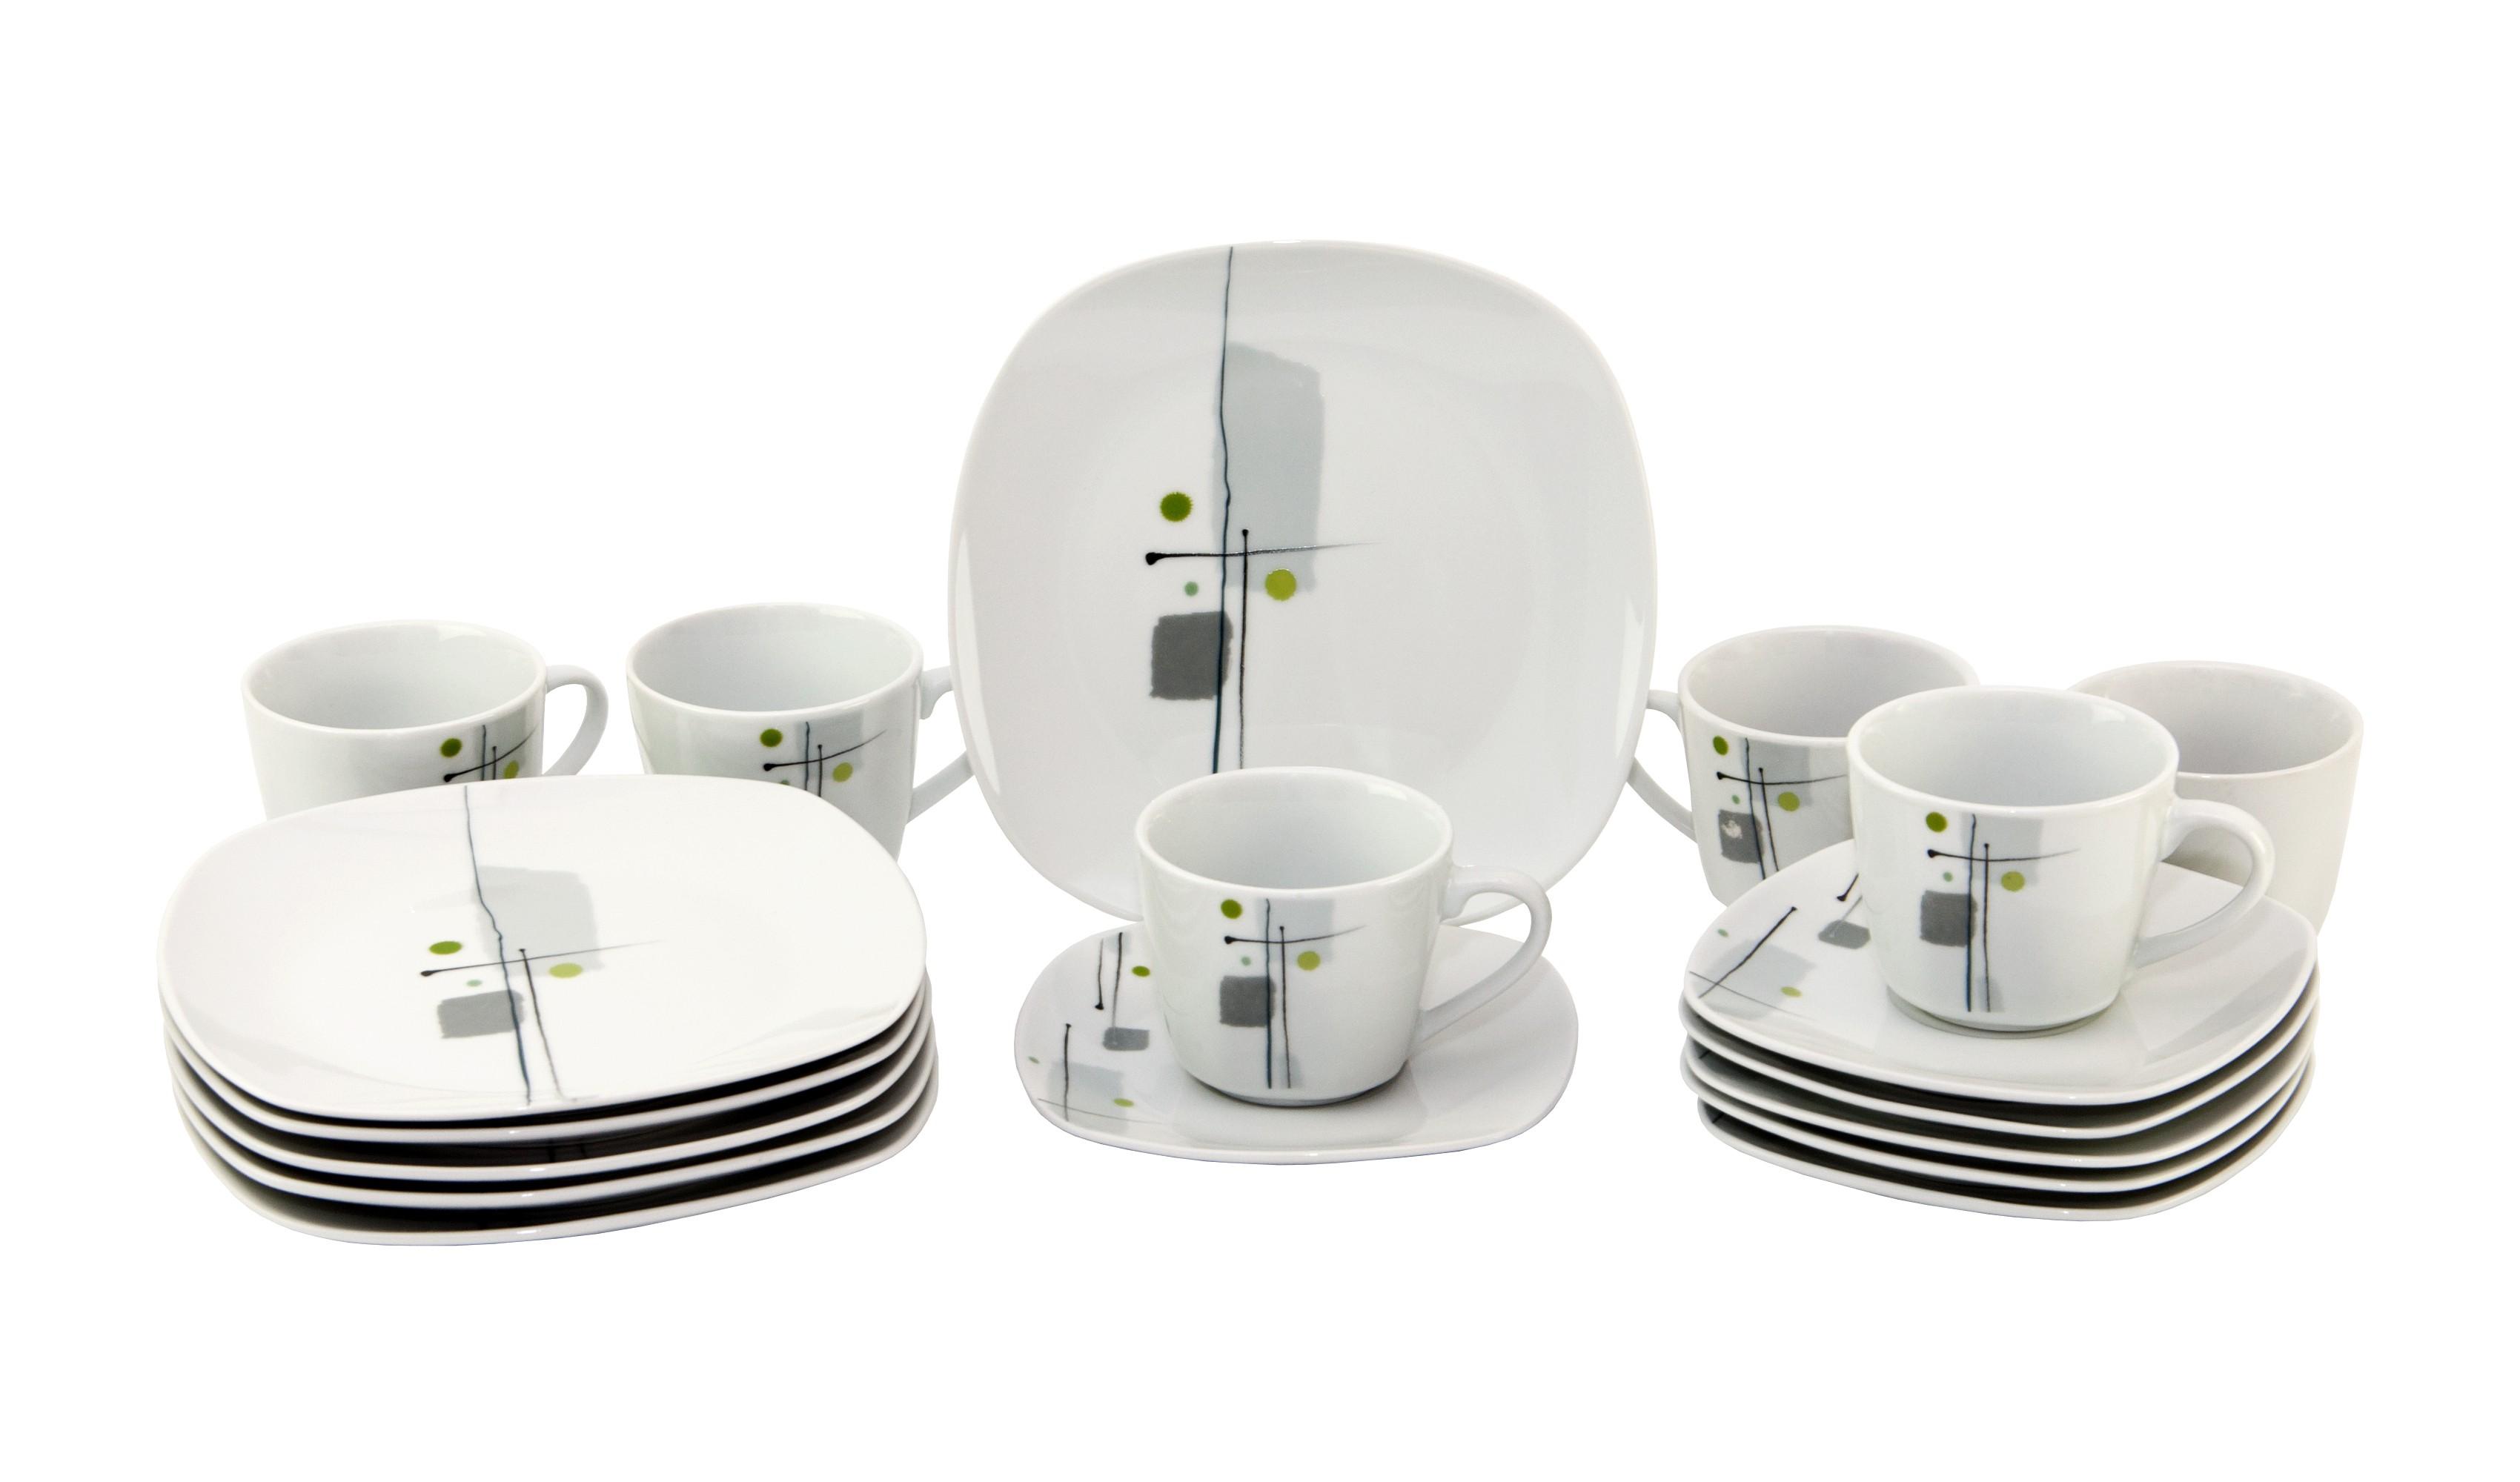 kaffeeservice lido 36tlg leicht eckig porzellan f r 12 personen wei mit dekor porzellan. Black Bedroom Furniture Sets. Home Design Ideas